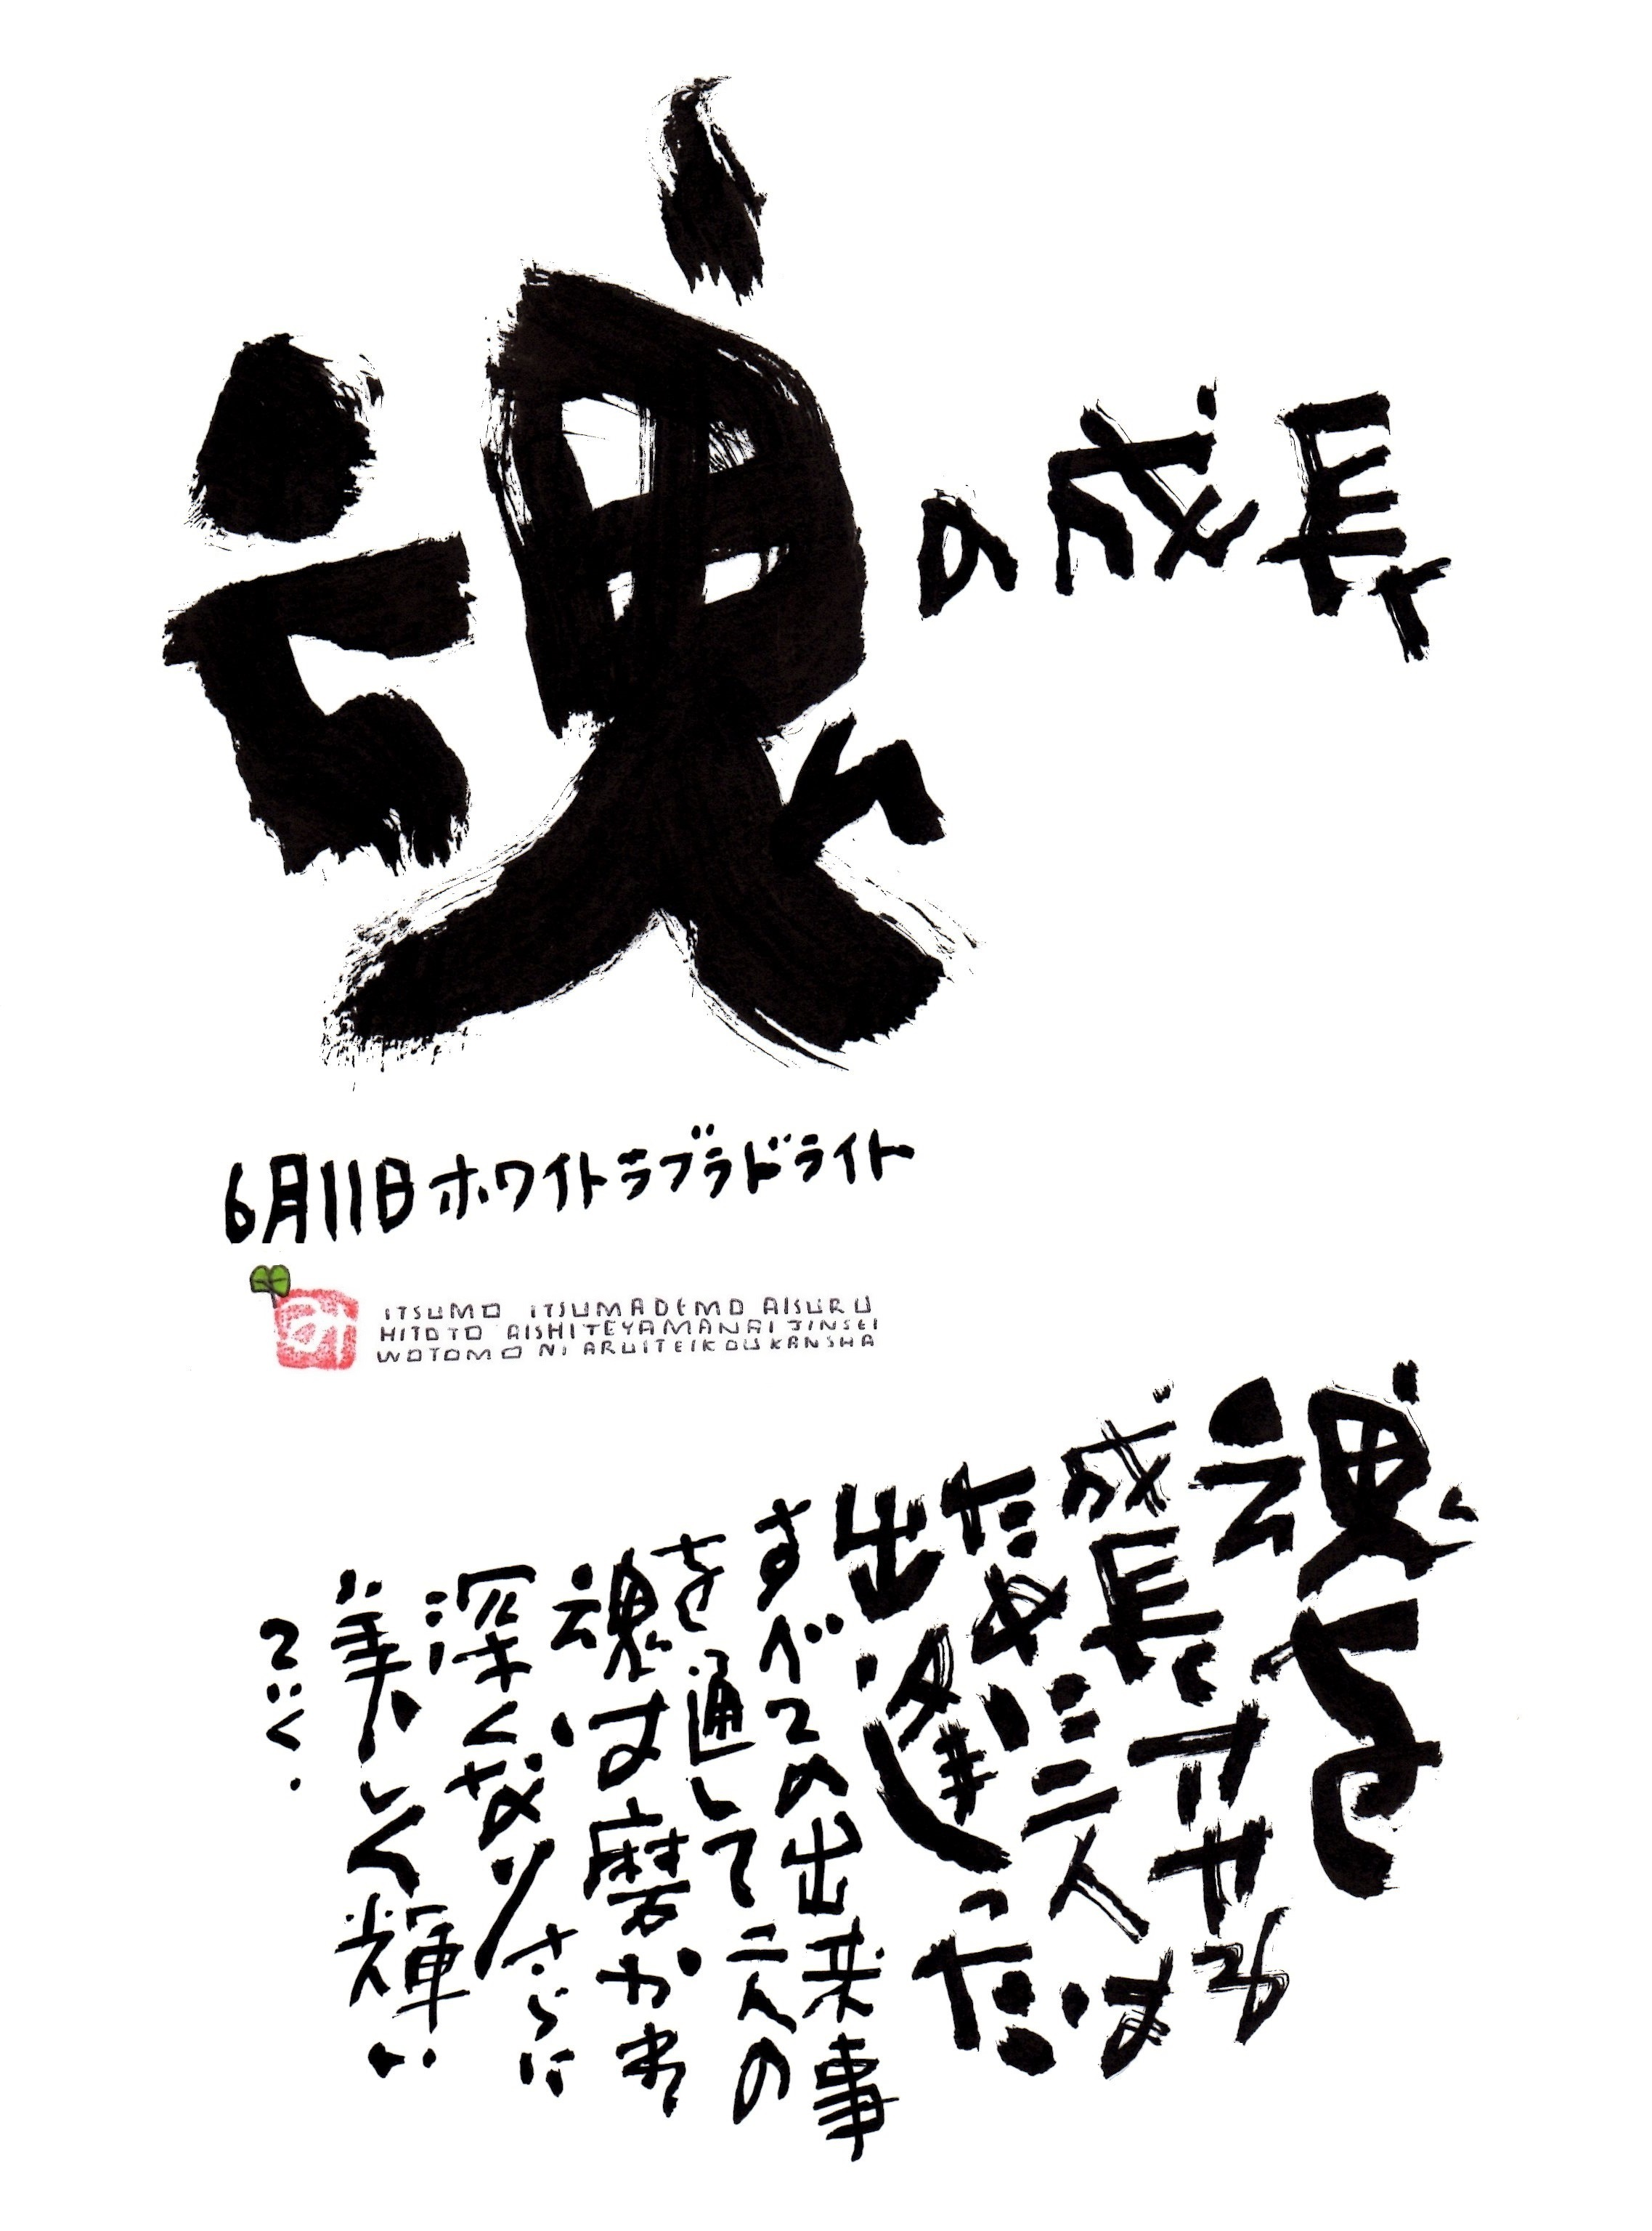 6月11日 結婚記念日ポストカード【魂の成長】